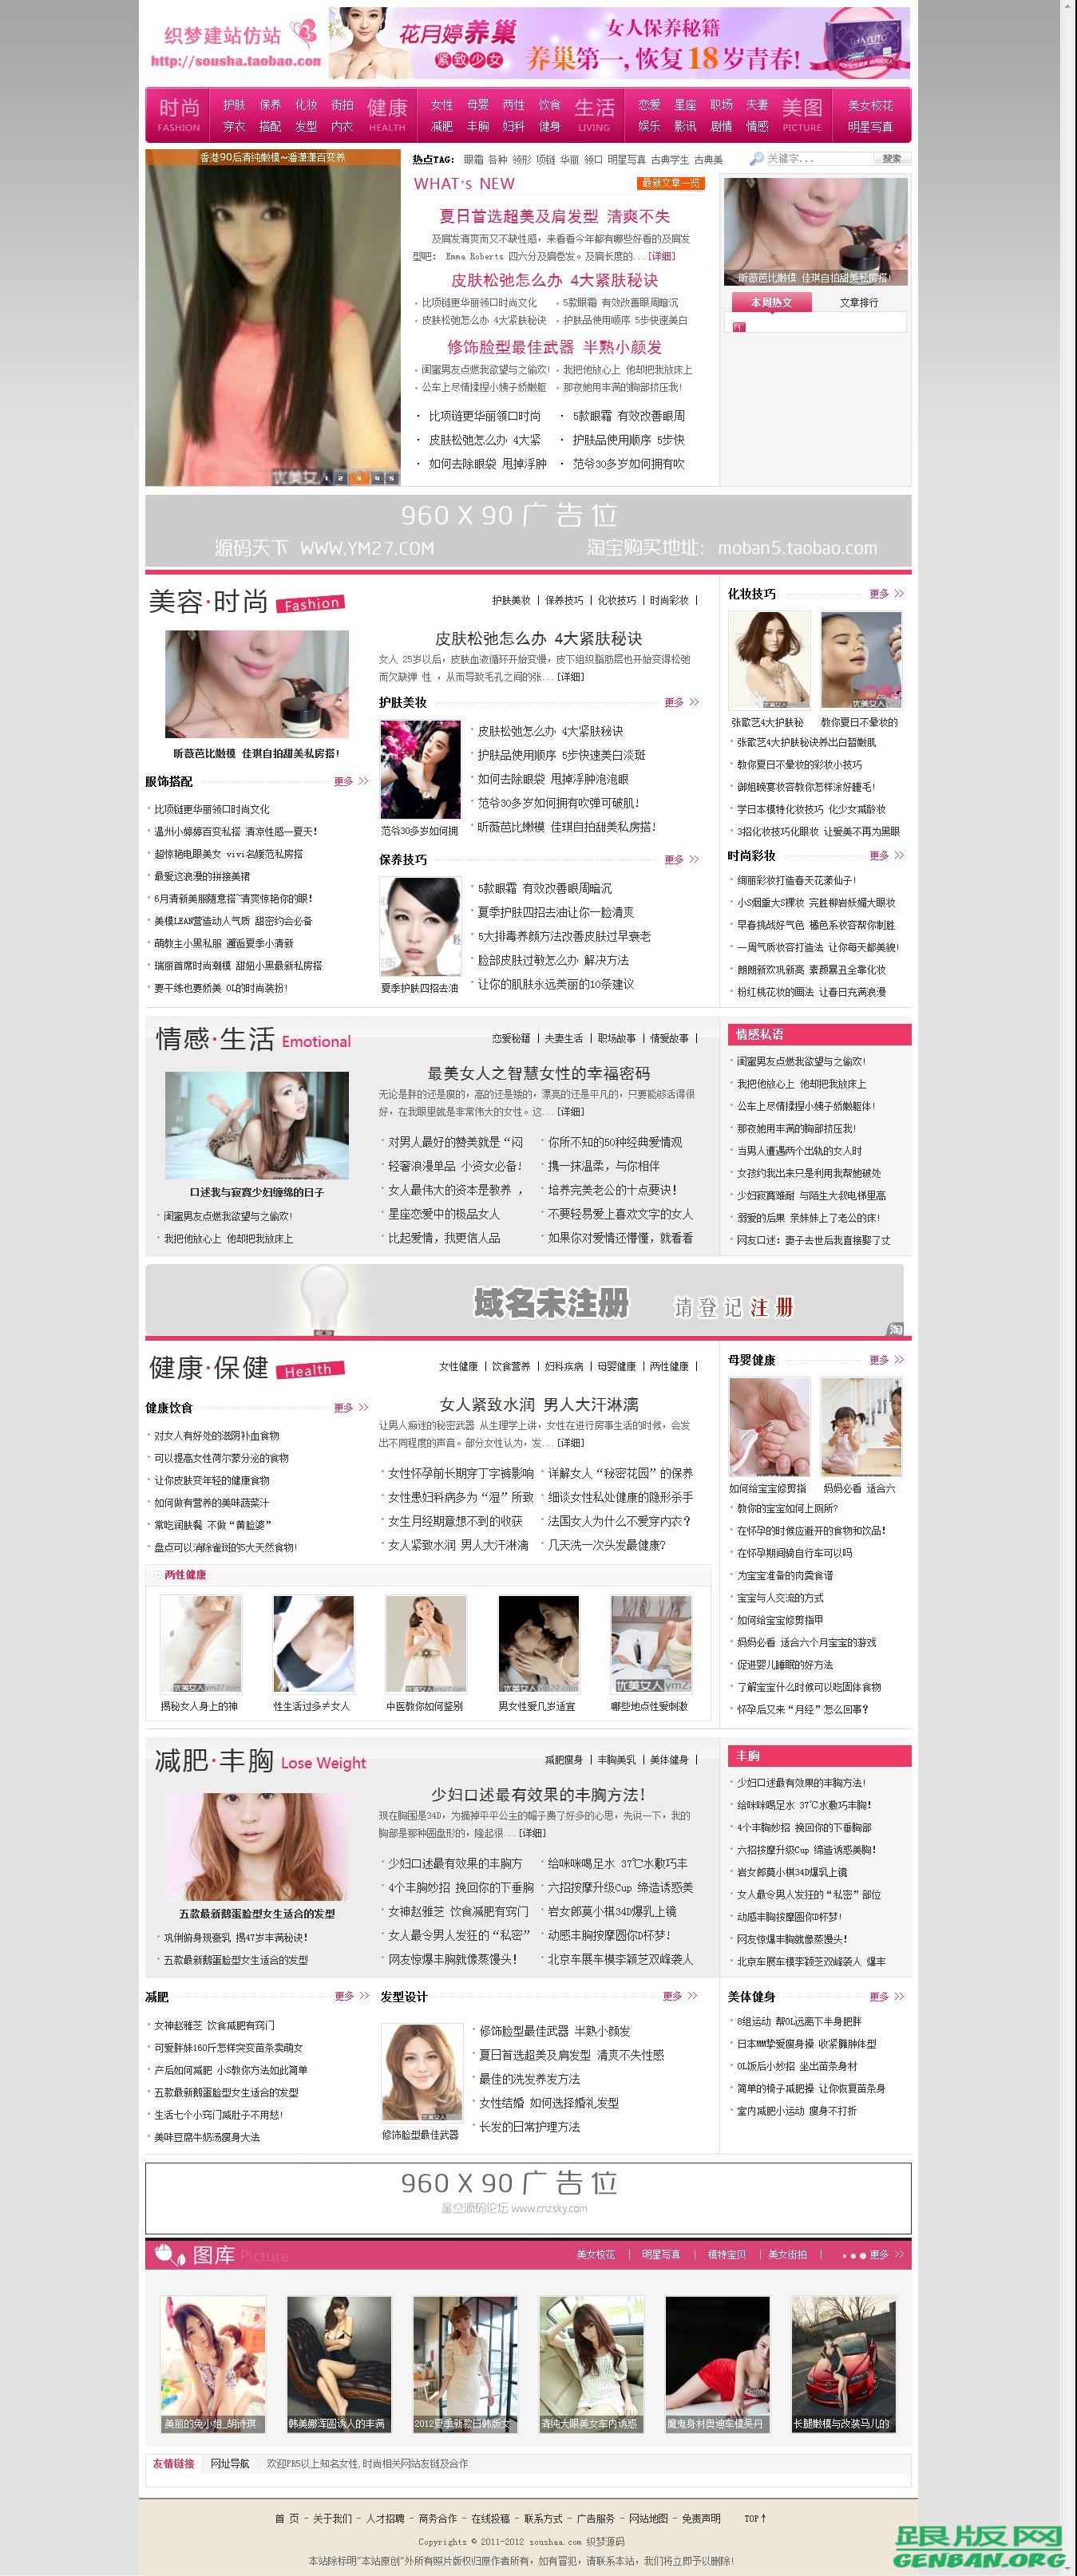 极品女性时尚健康资讯网整站源码 仿优美女性网 带数据